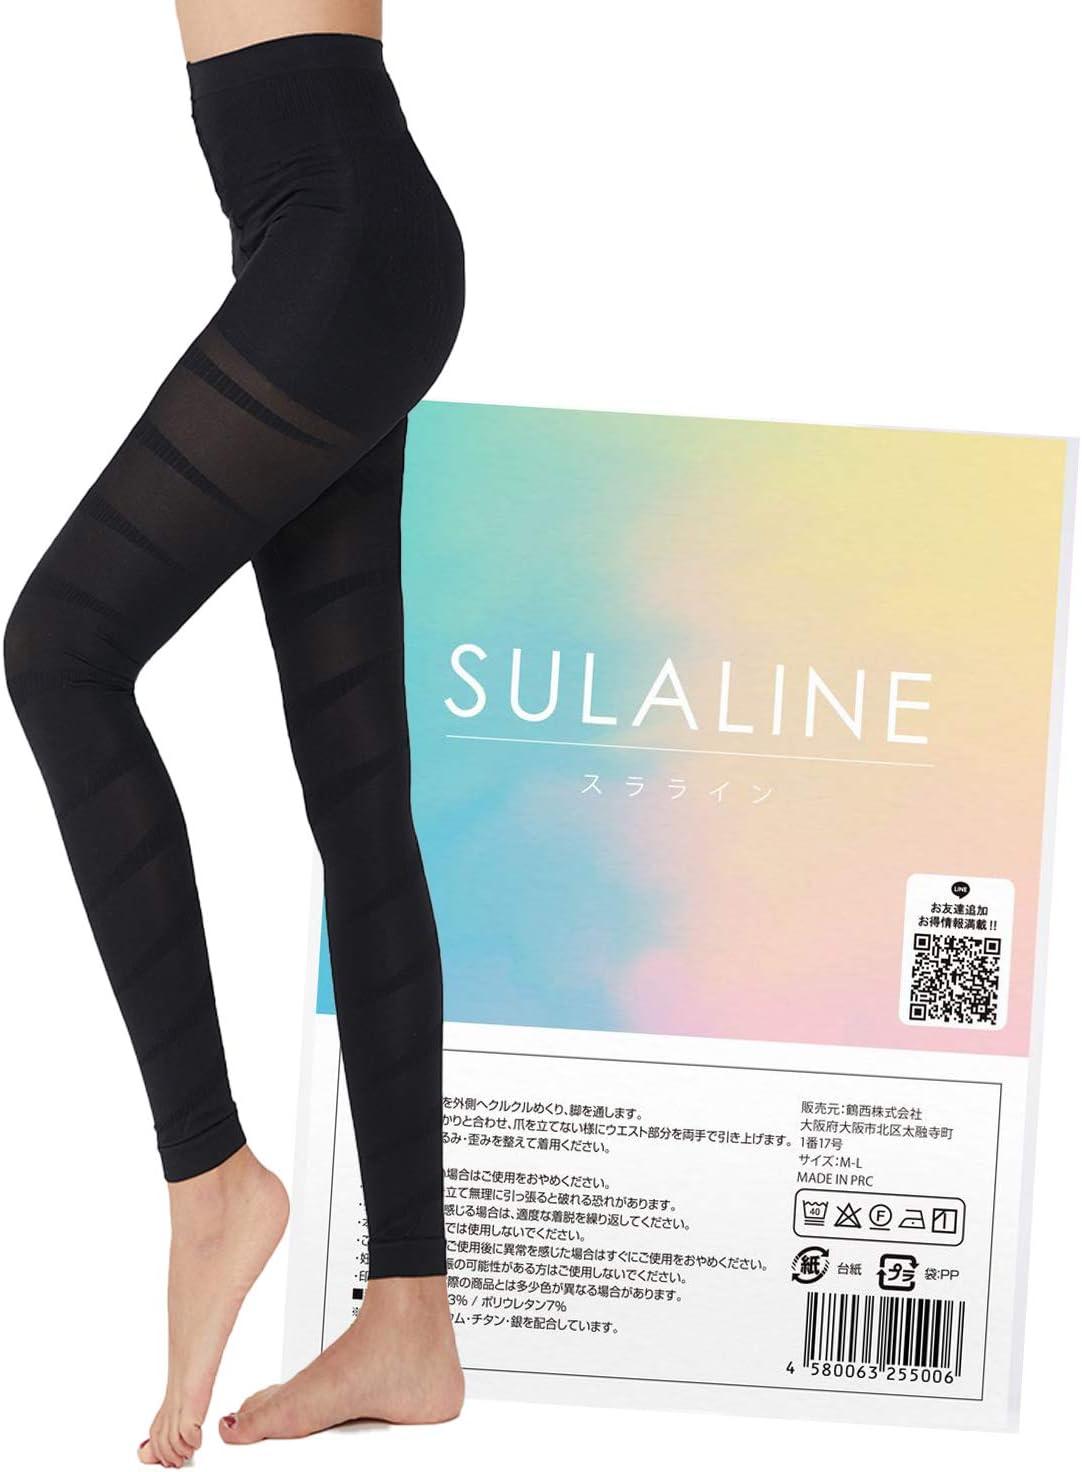 Amazon | SULA LINE スラライン 着圧レギンス むくみ 脚やせ 美脚 対策 スパッツ レディース 骨盤 サポート タイツ 「 スポーツ  ランニング 昼用 ・ 夜用 両方可能 」「 保温 防寒 10分丈 M-Lサイズ ブラック 」 インナー アンダーウェア |